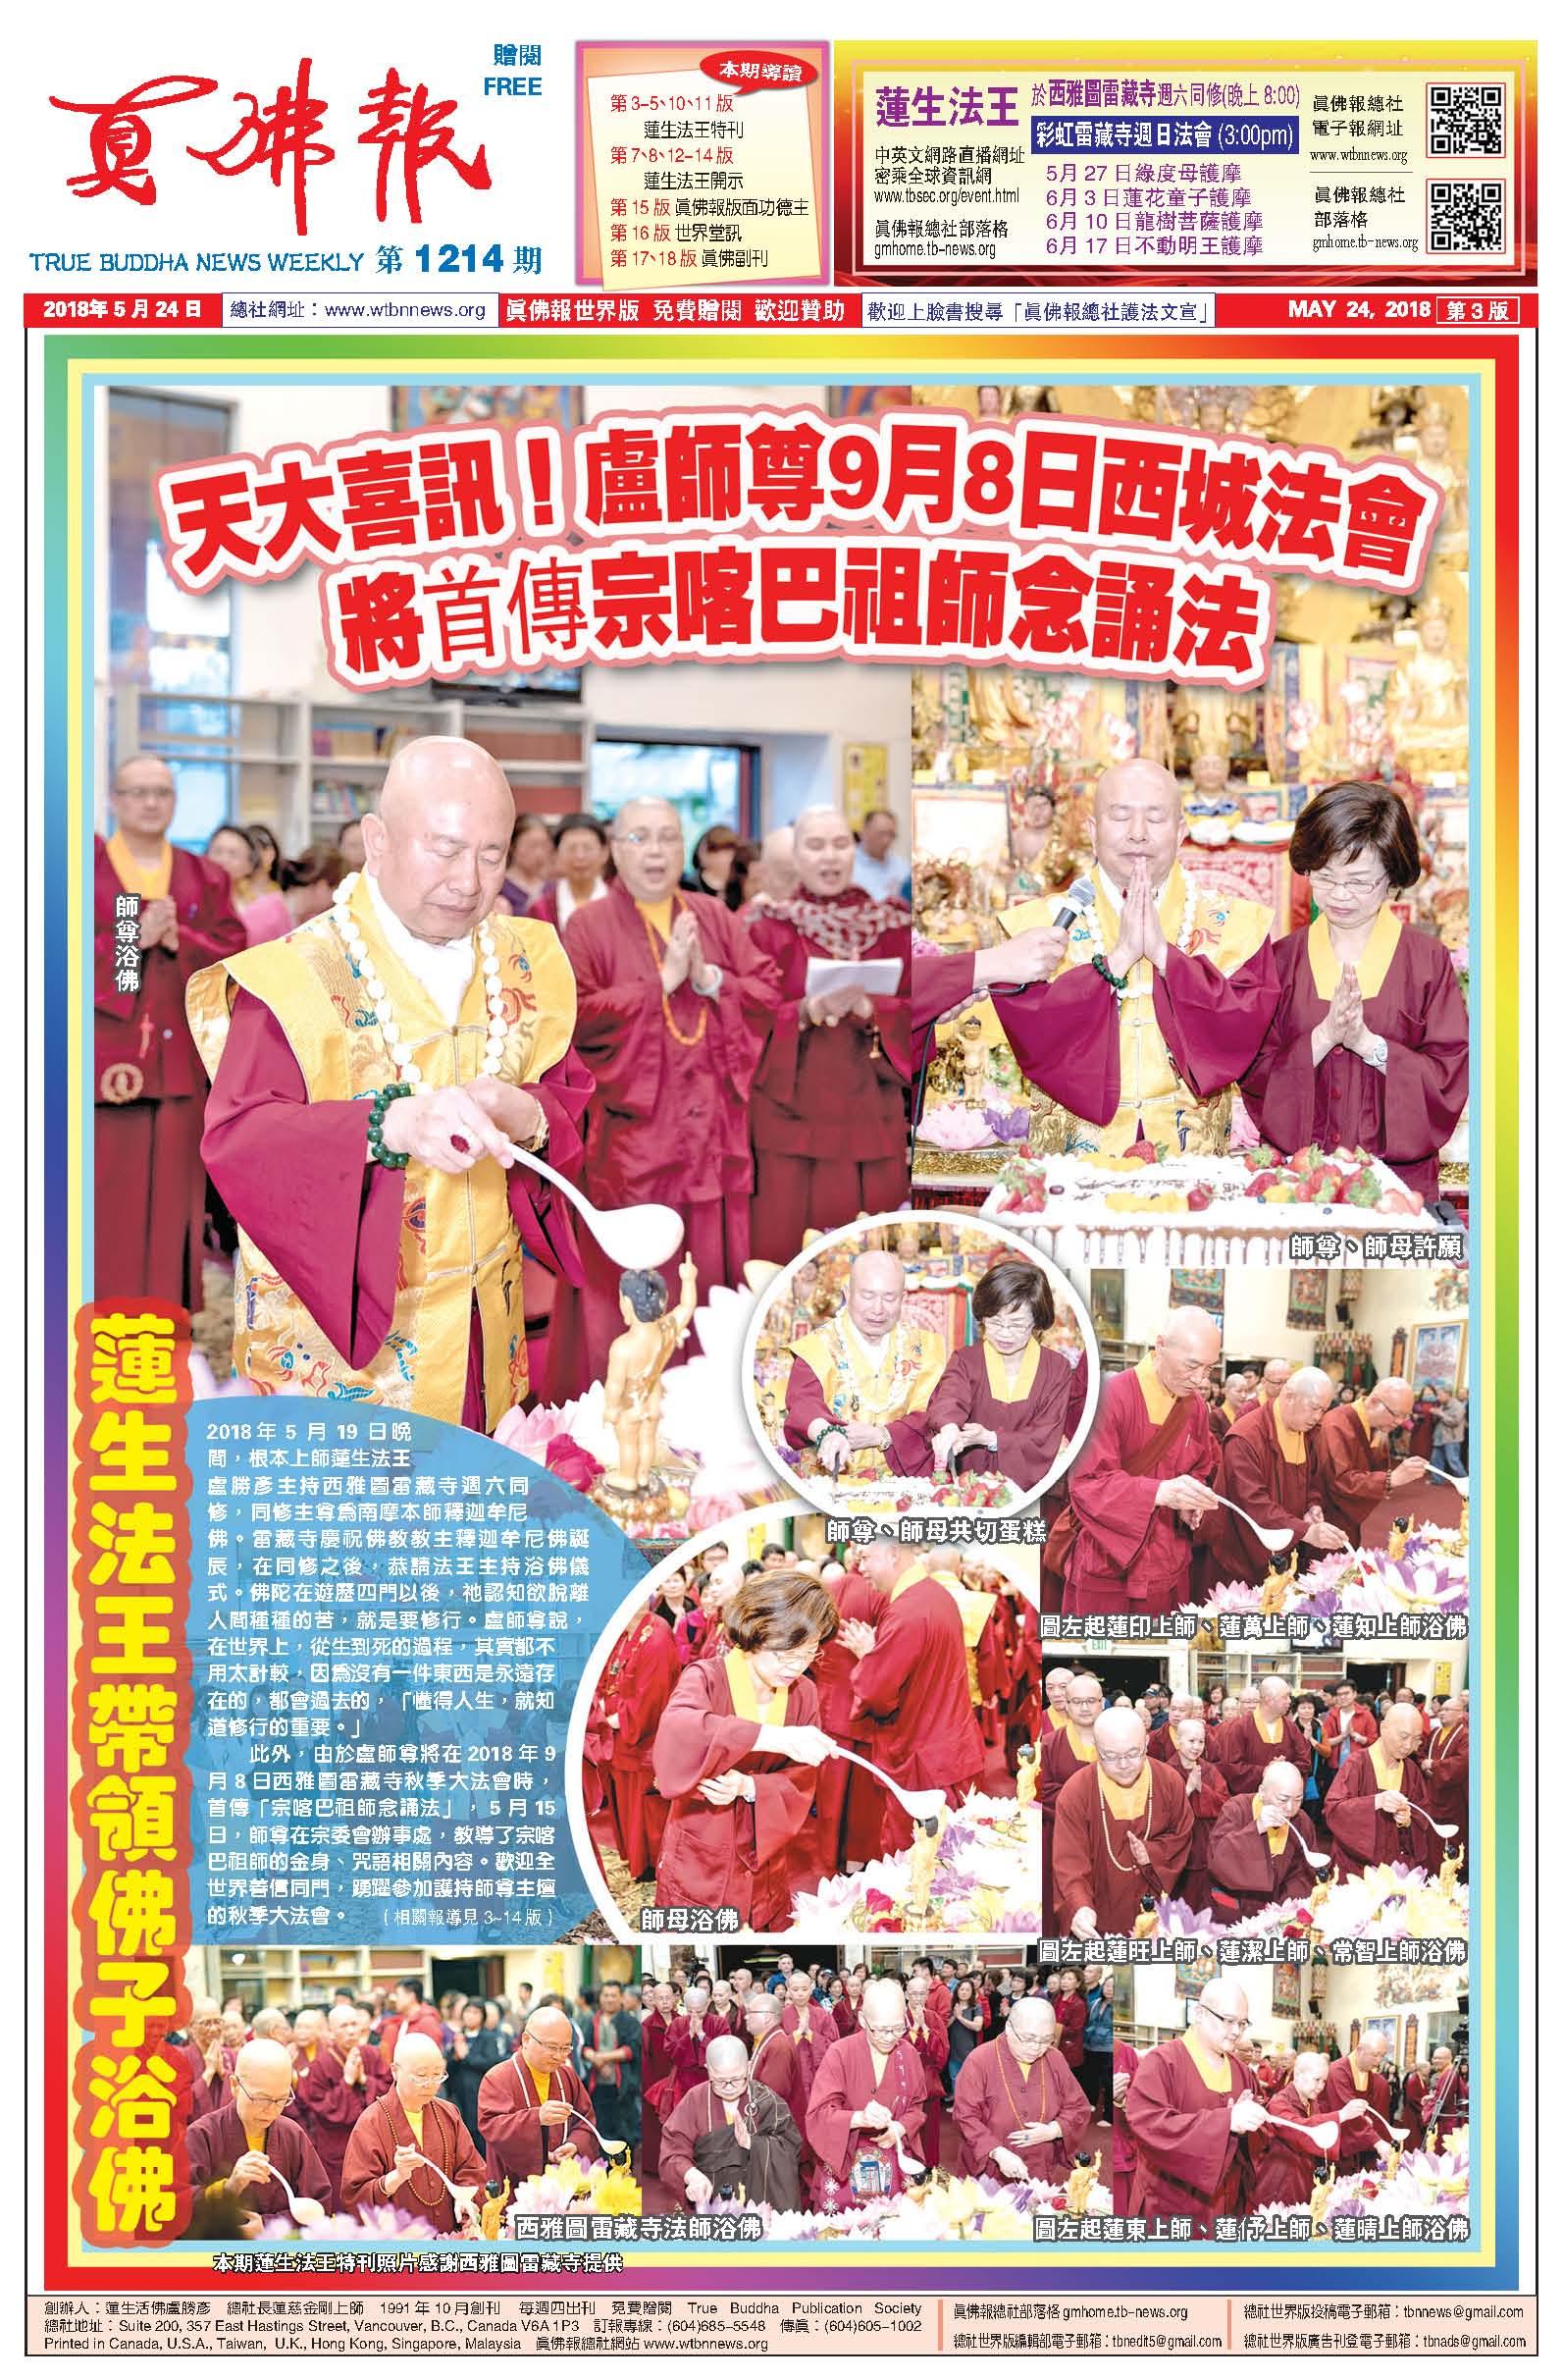 真佛報1214期2018年5月24日出刊